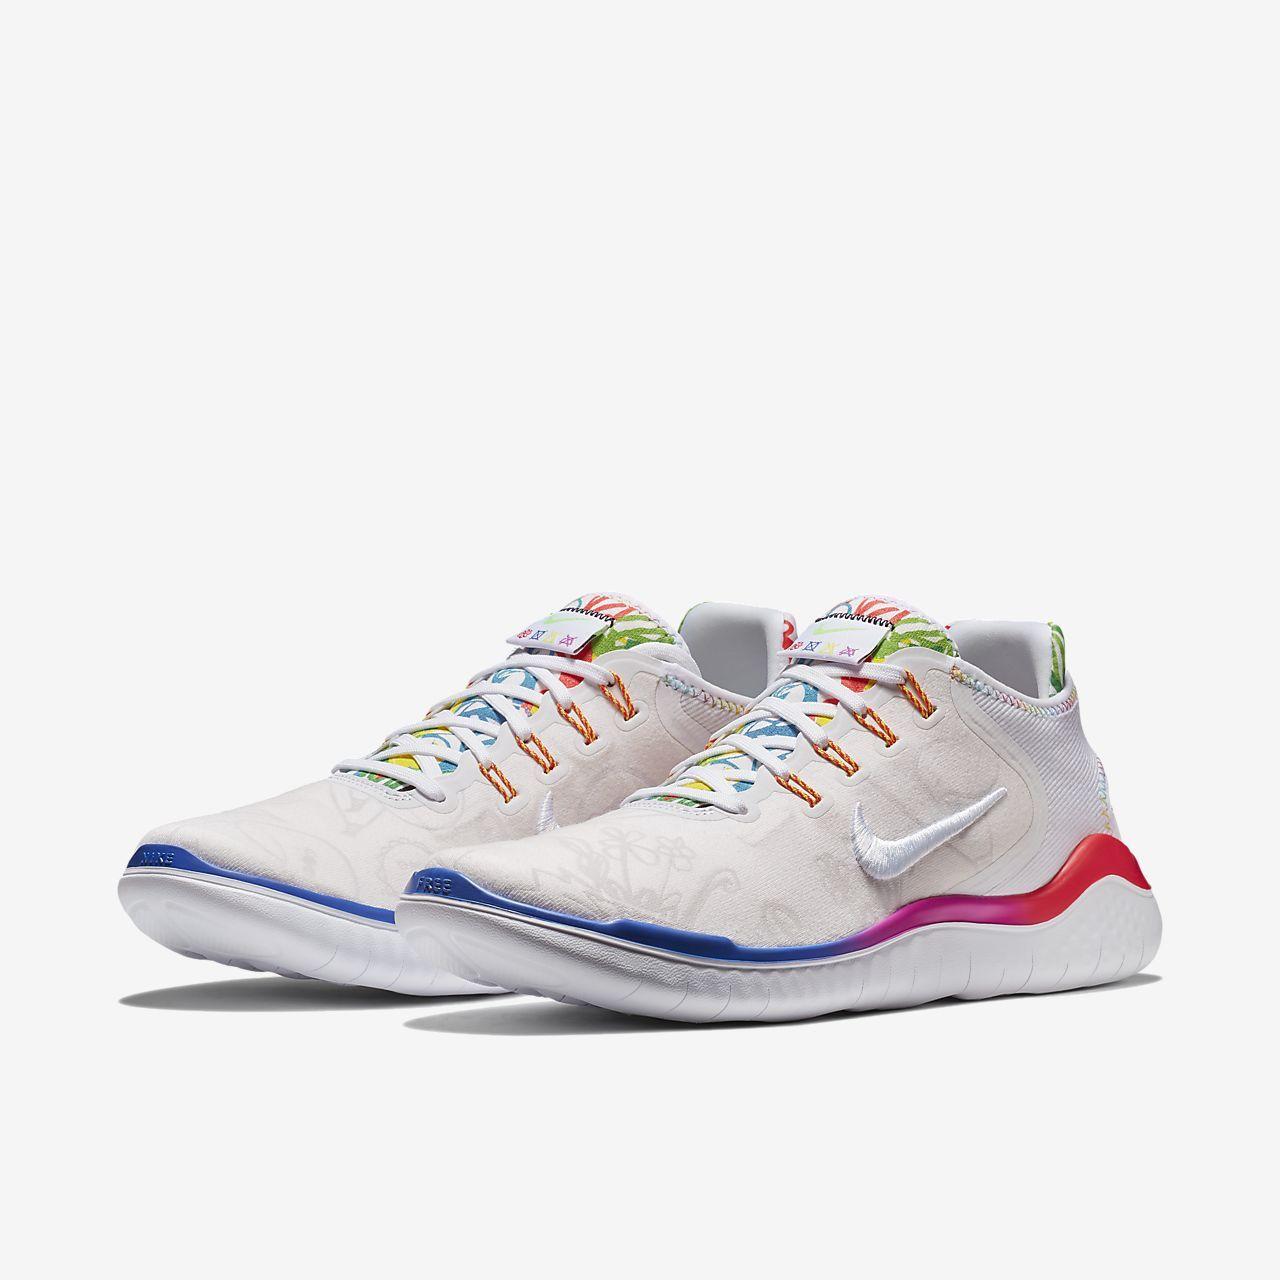 Nike shoes blue, Nike shoes outfits